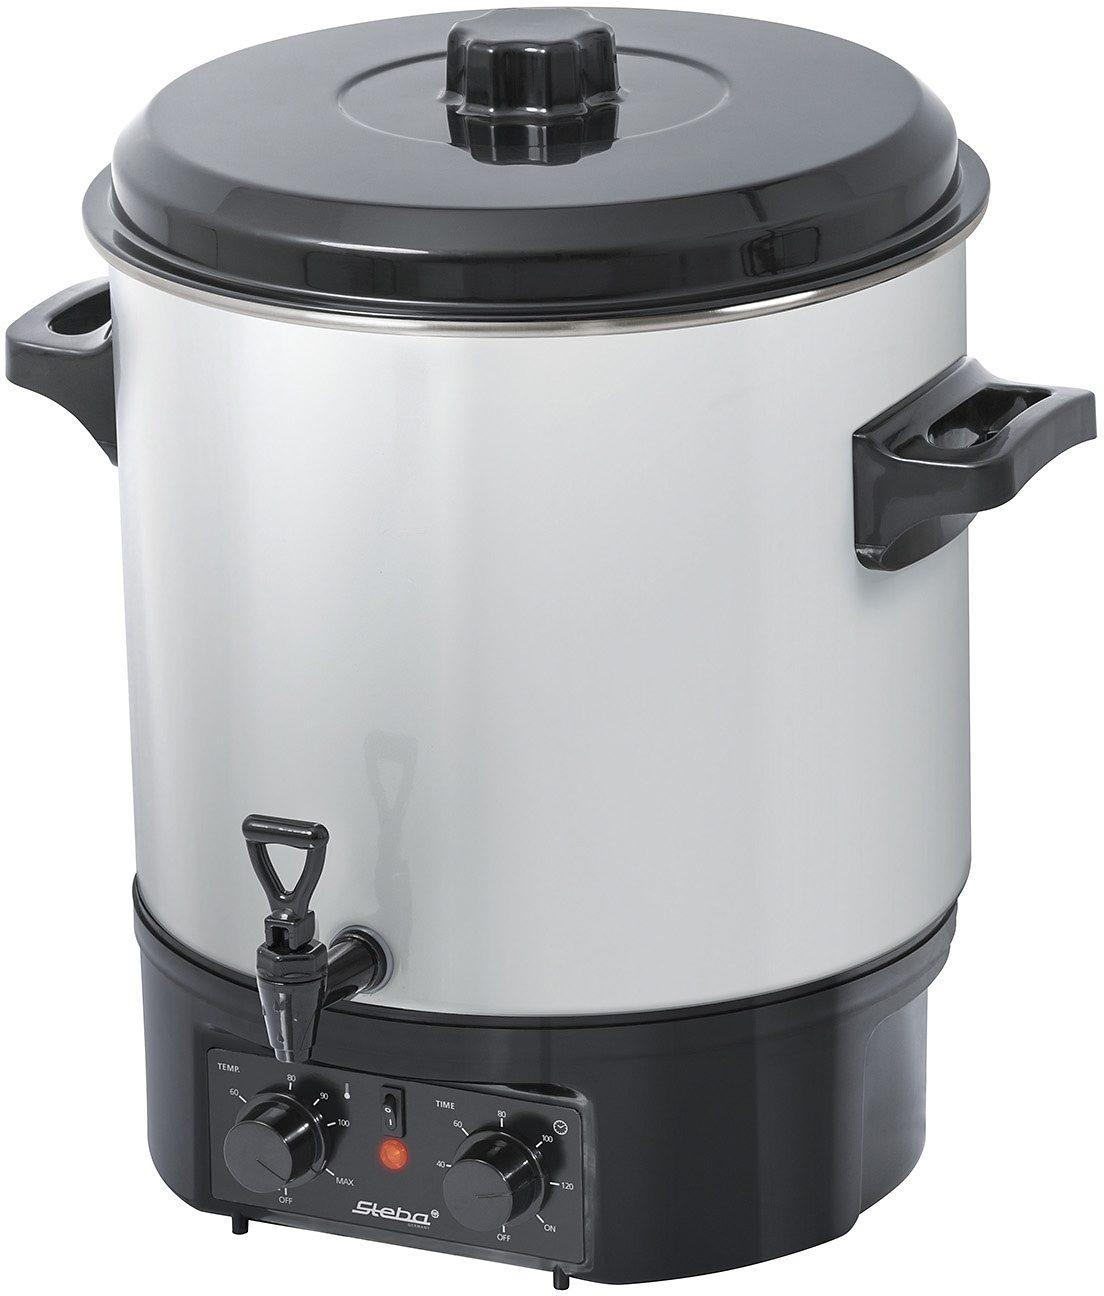 Steba Einkoch- und Glühweinautomat ER 1, 27 Liter Füllmenge